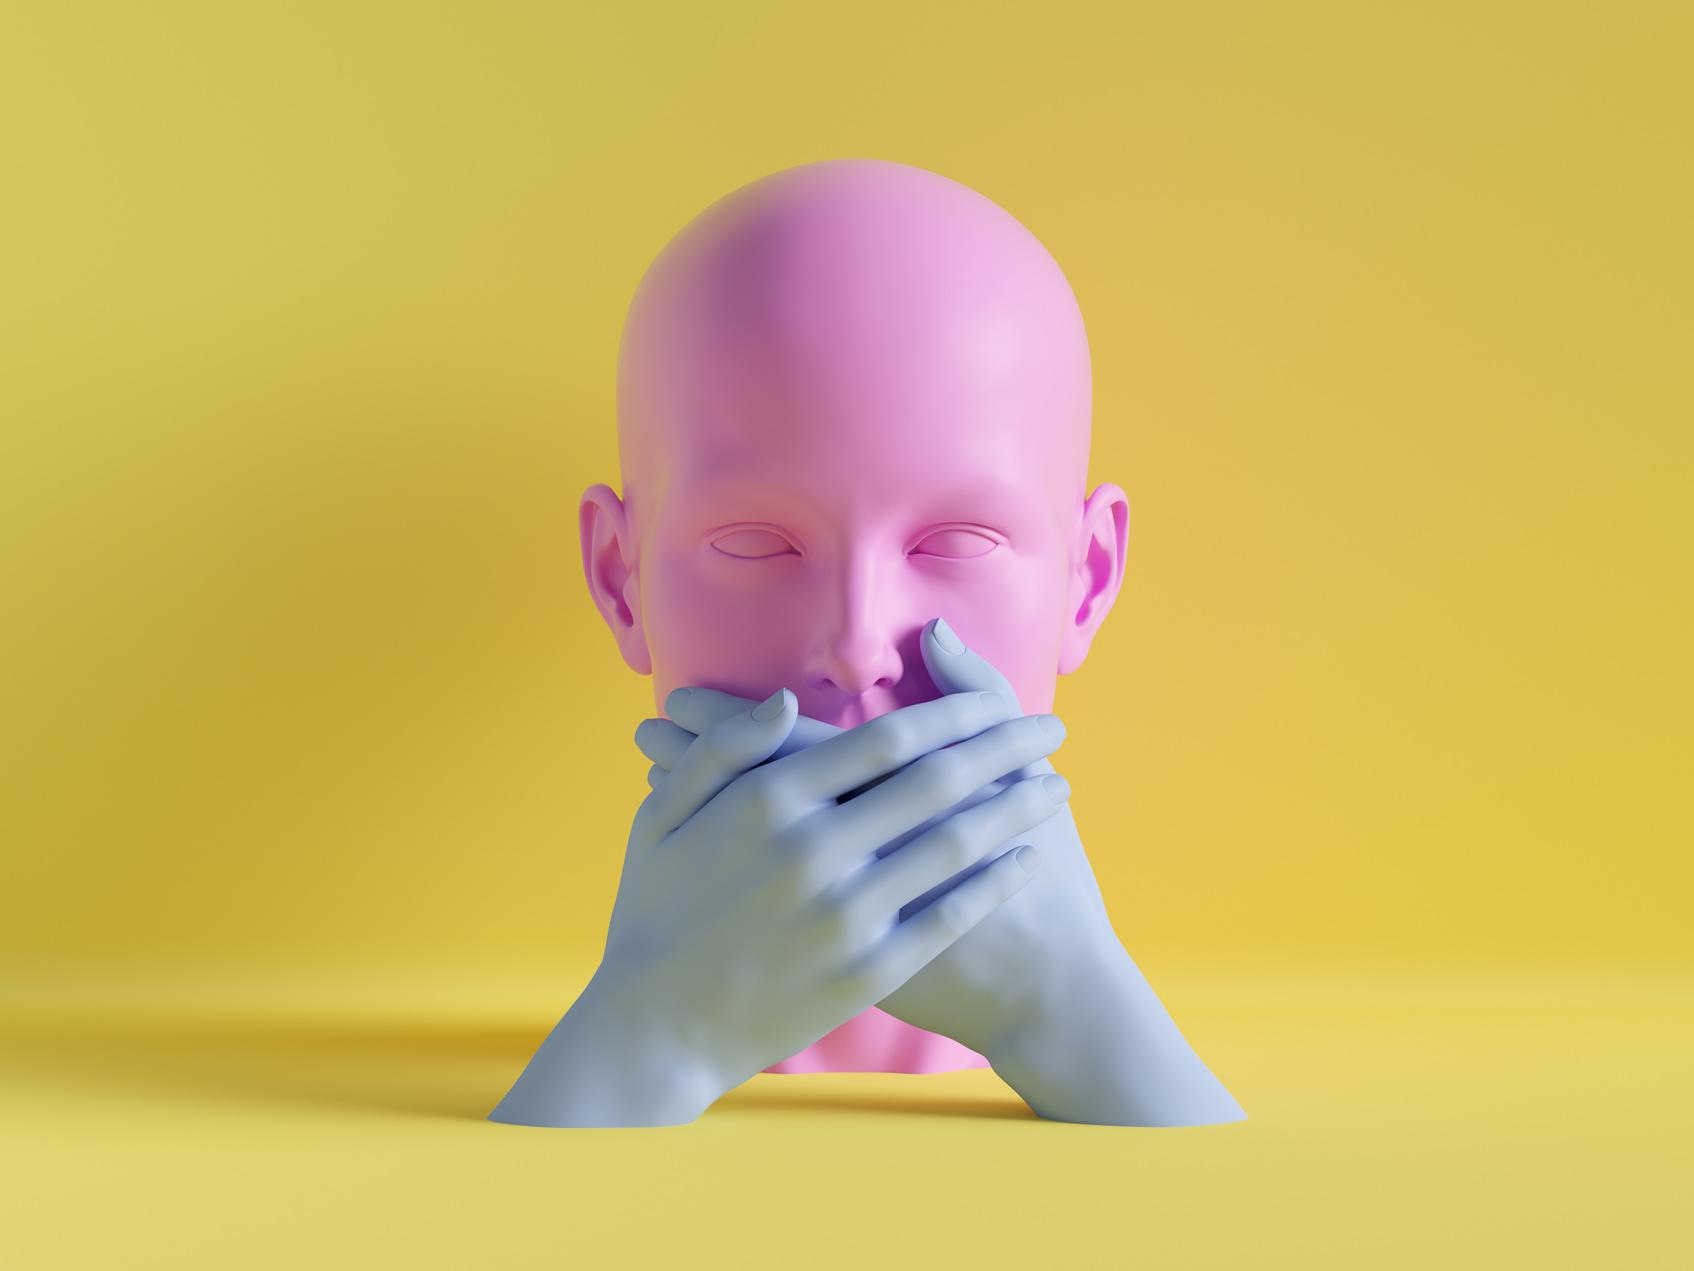 увеличение губ филлером